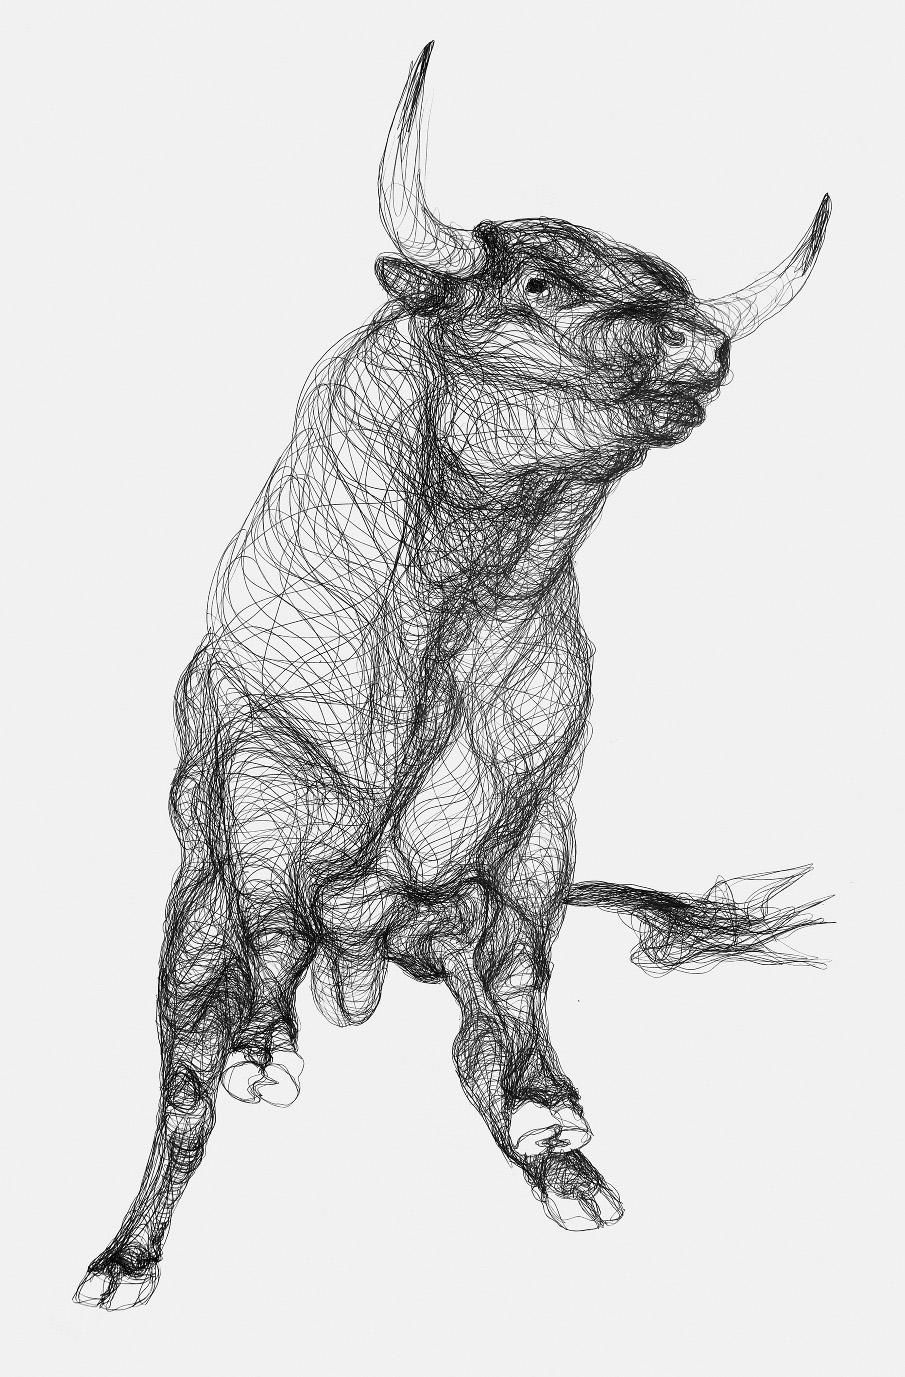 Drawn bulls Drawing Taurus and Maven Drawings